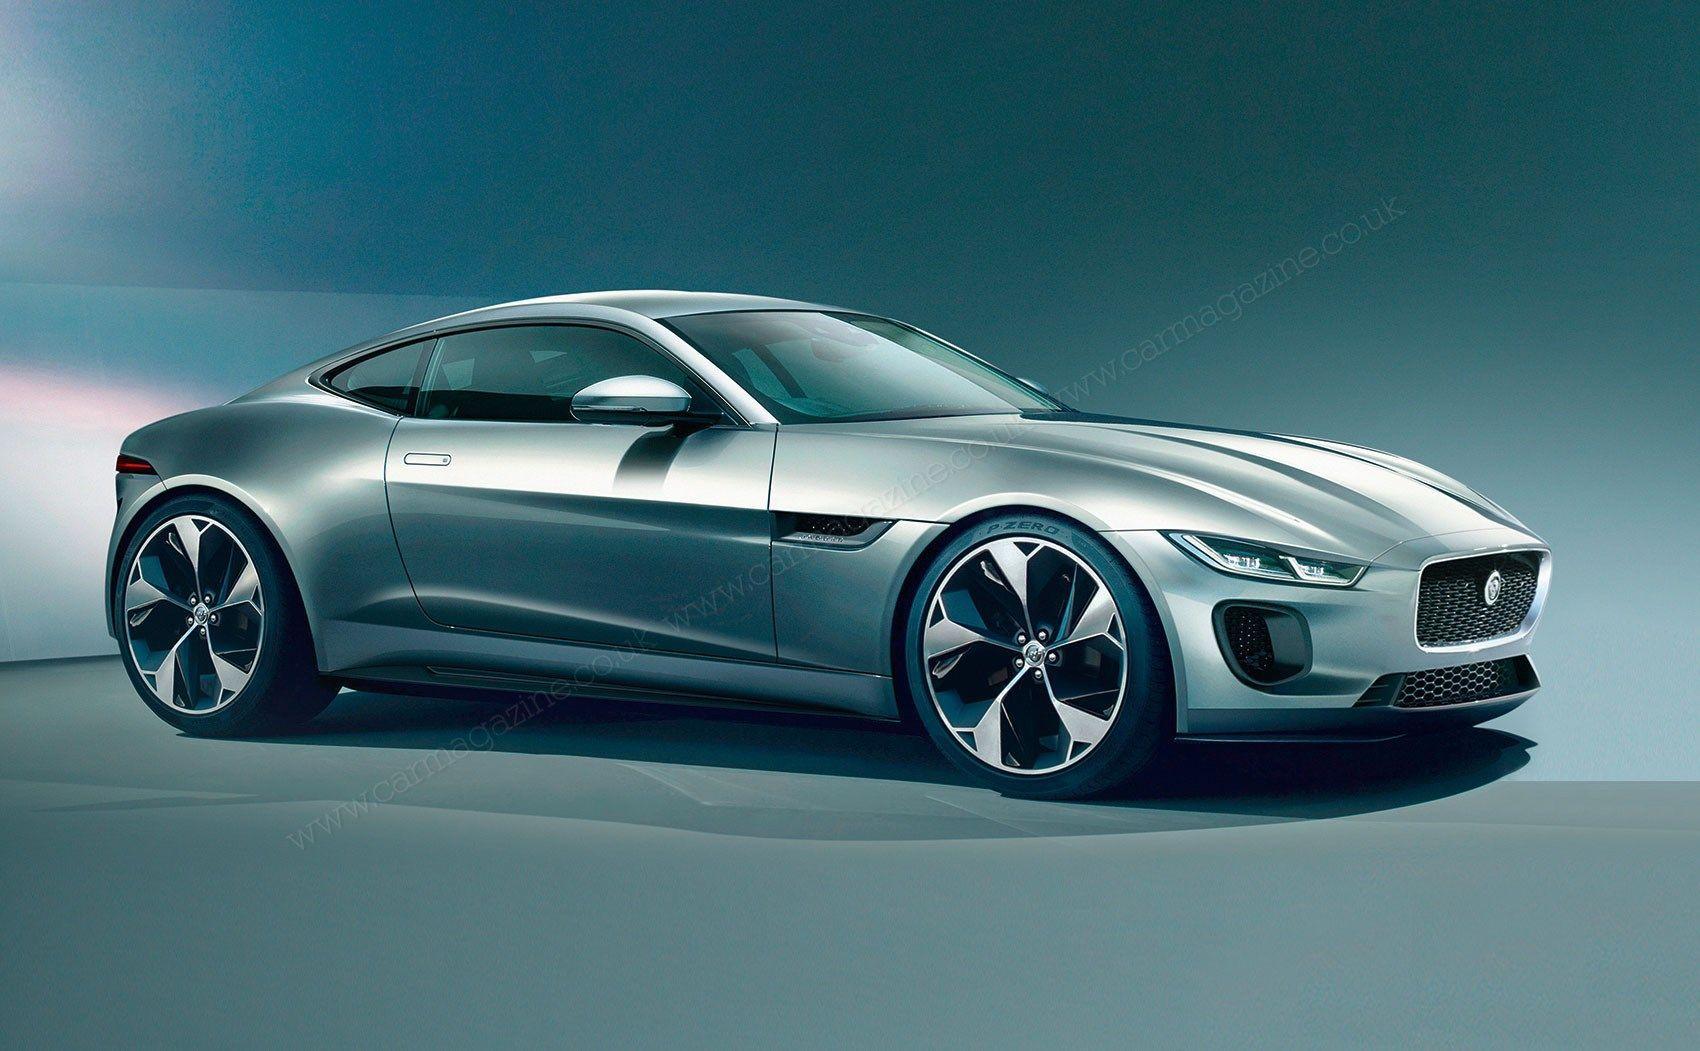 2020 Jaguar F Type Photos Jaguar F Type Jaguar Models Jaguar Coupe